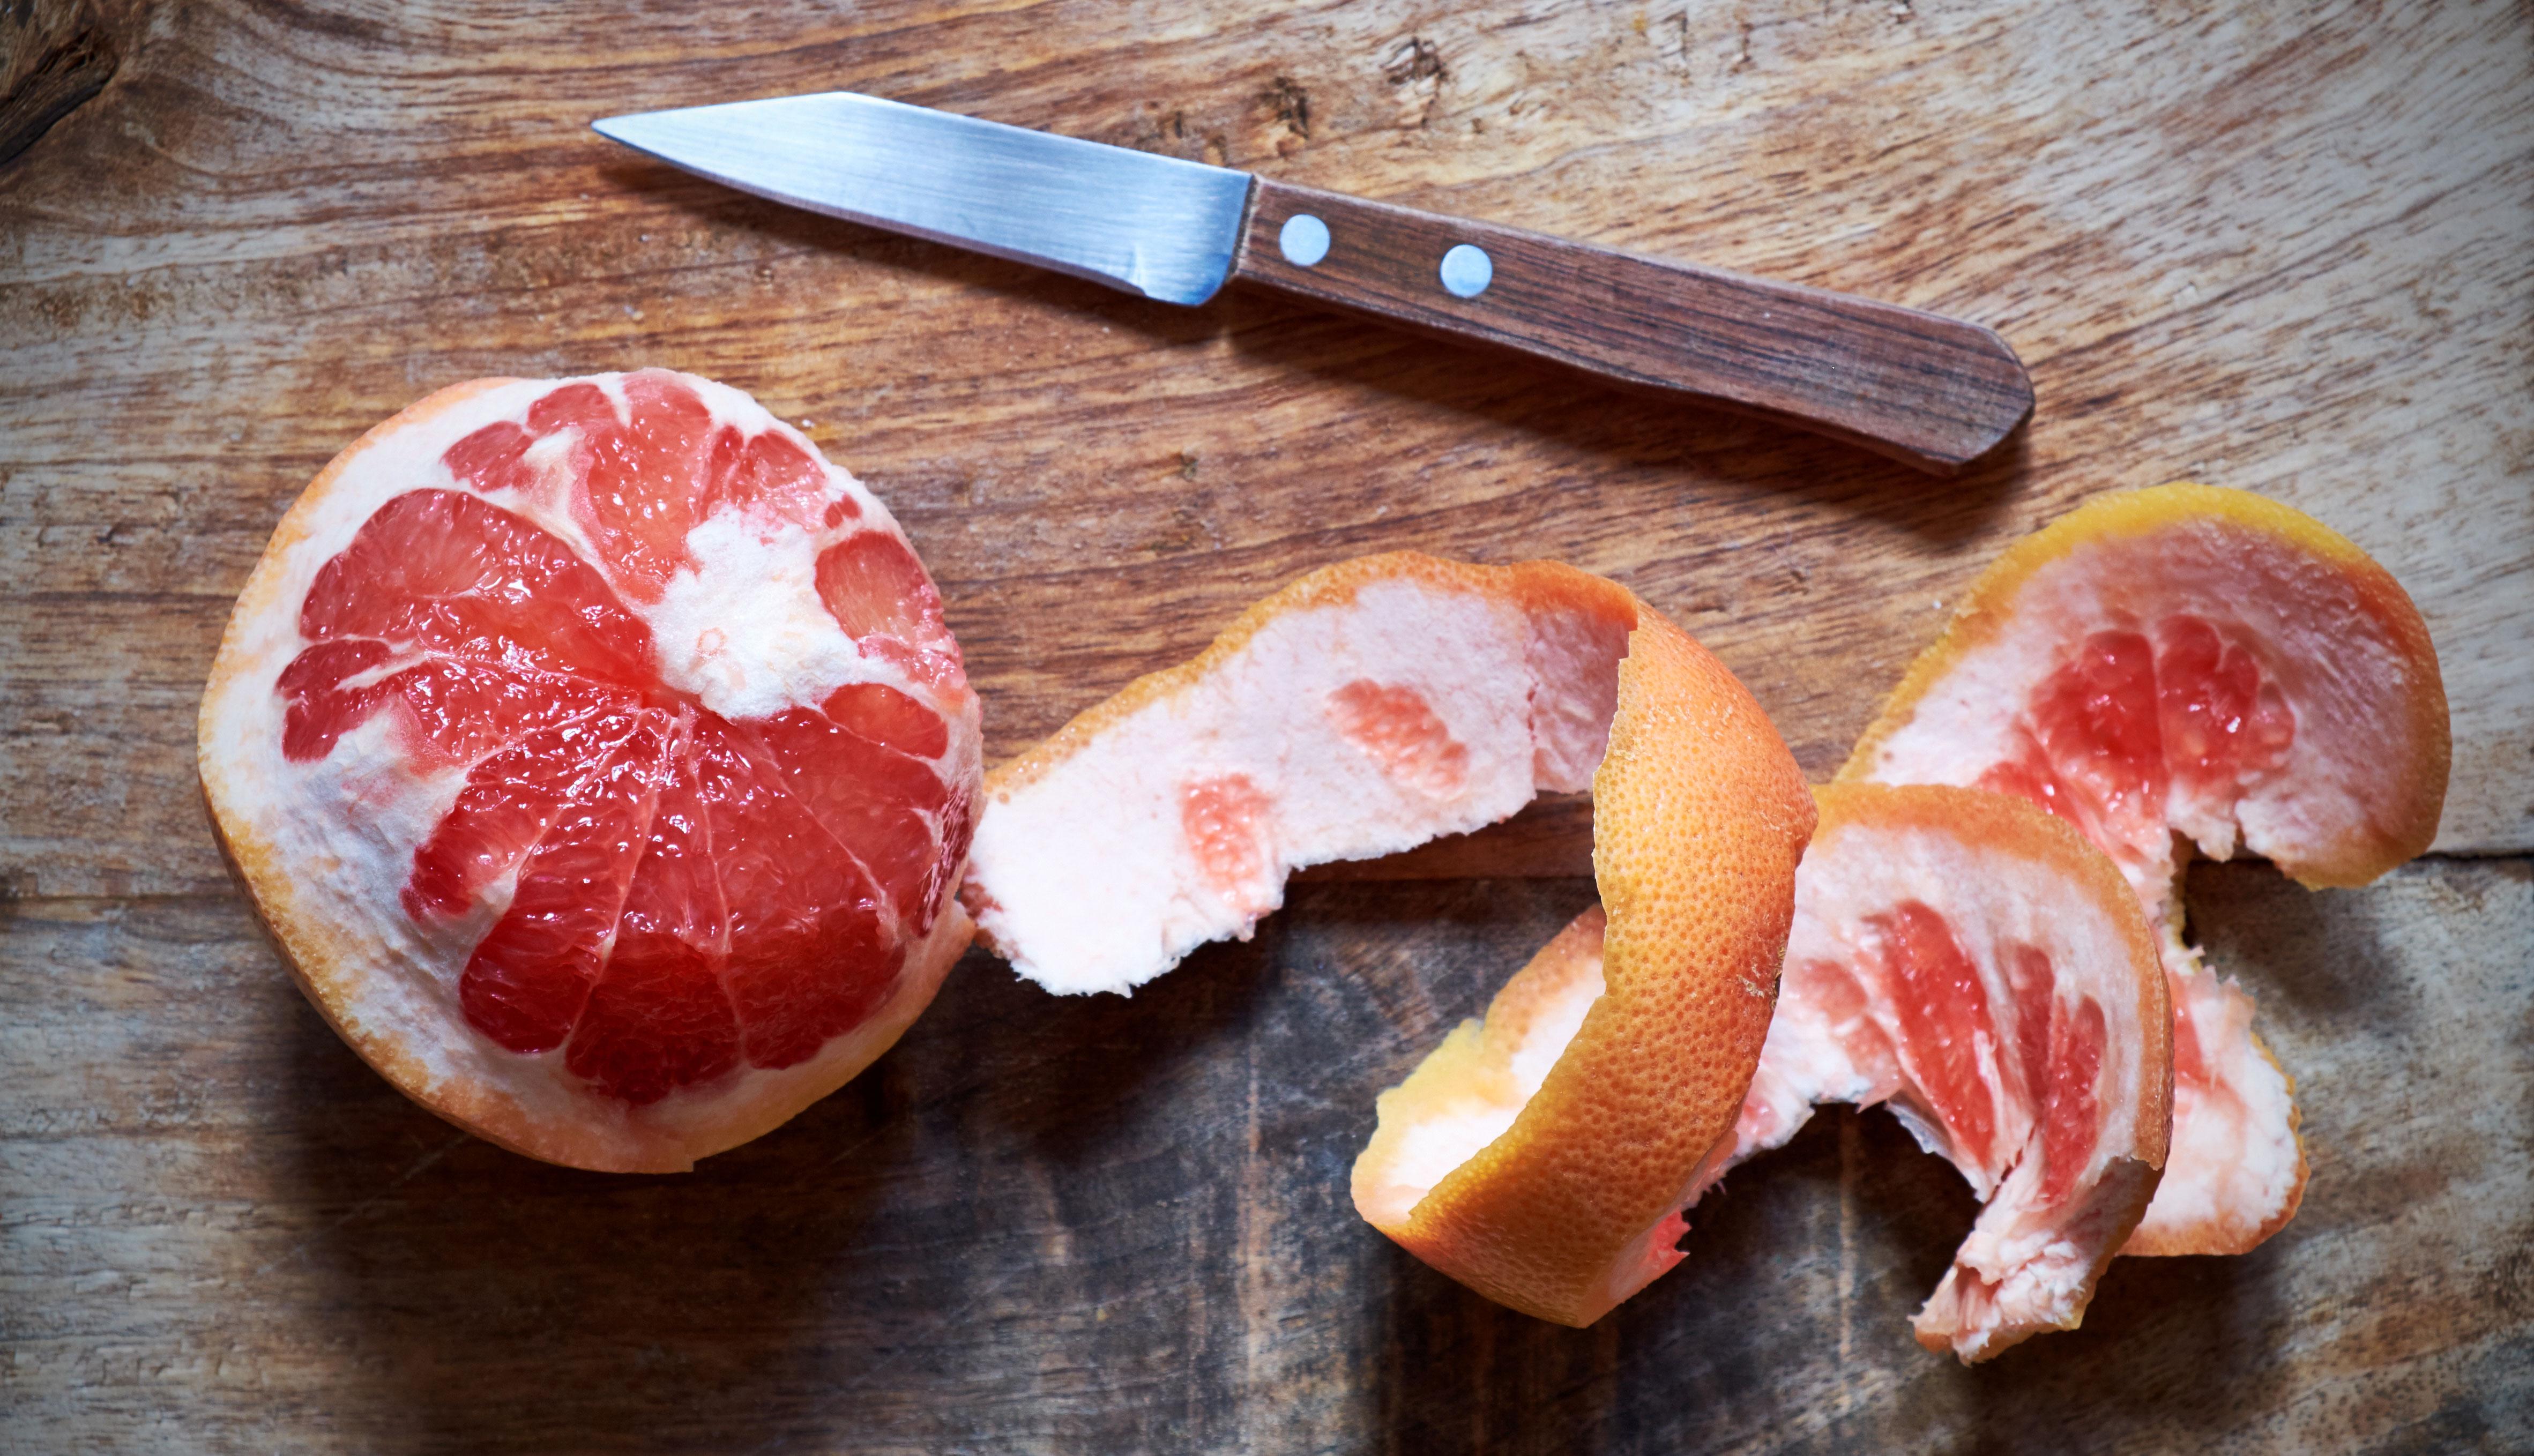 Toronja a medio mondar y un cuchillo sobre una mesa